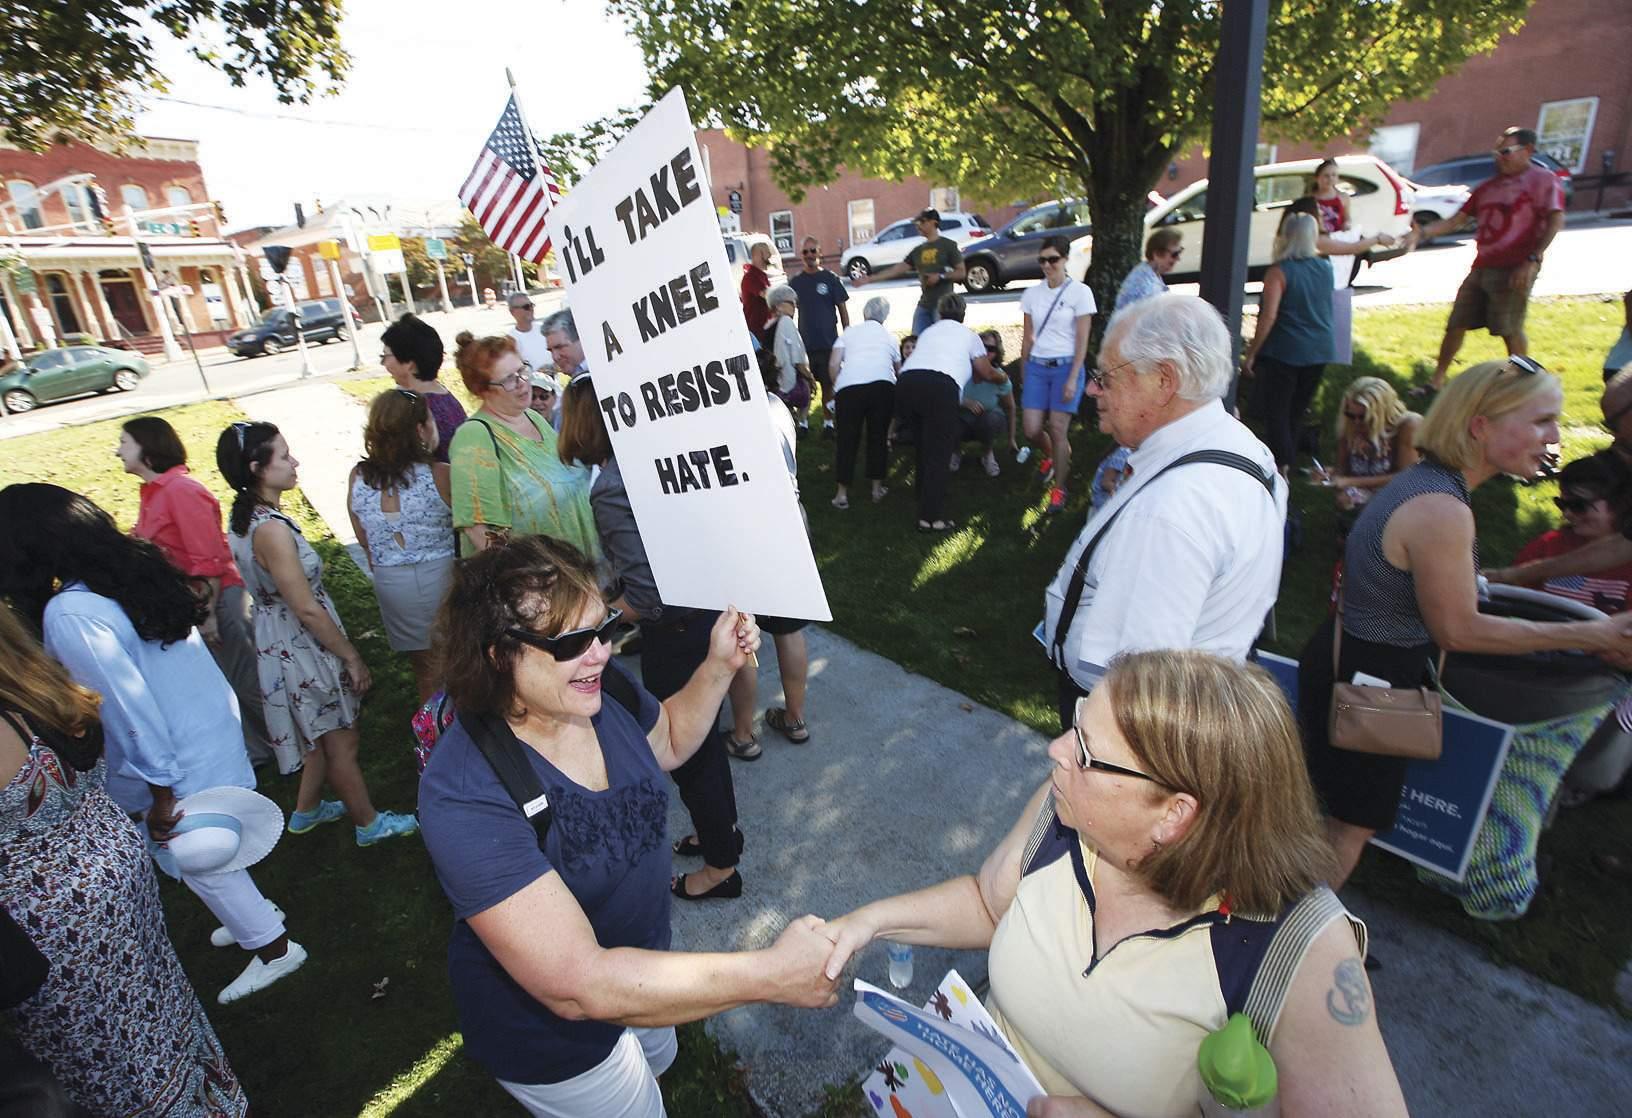 Ann Pompelio knee to resist hate.jpg